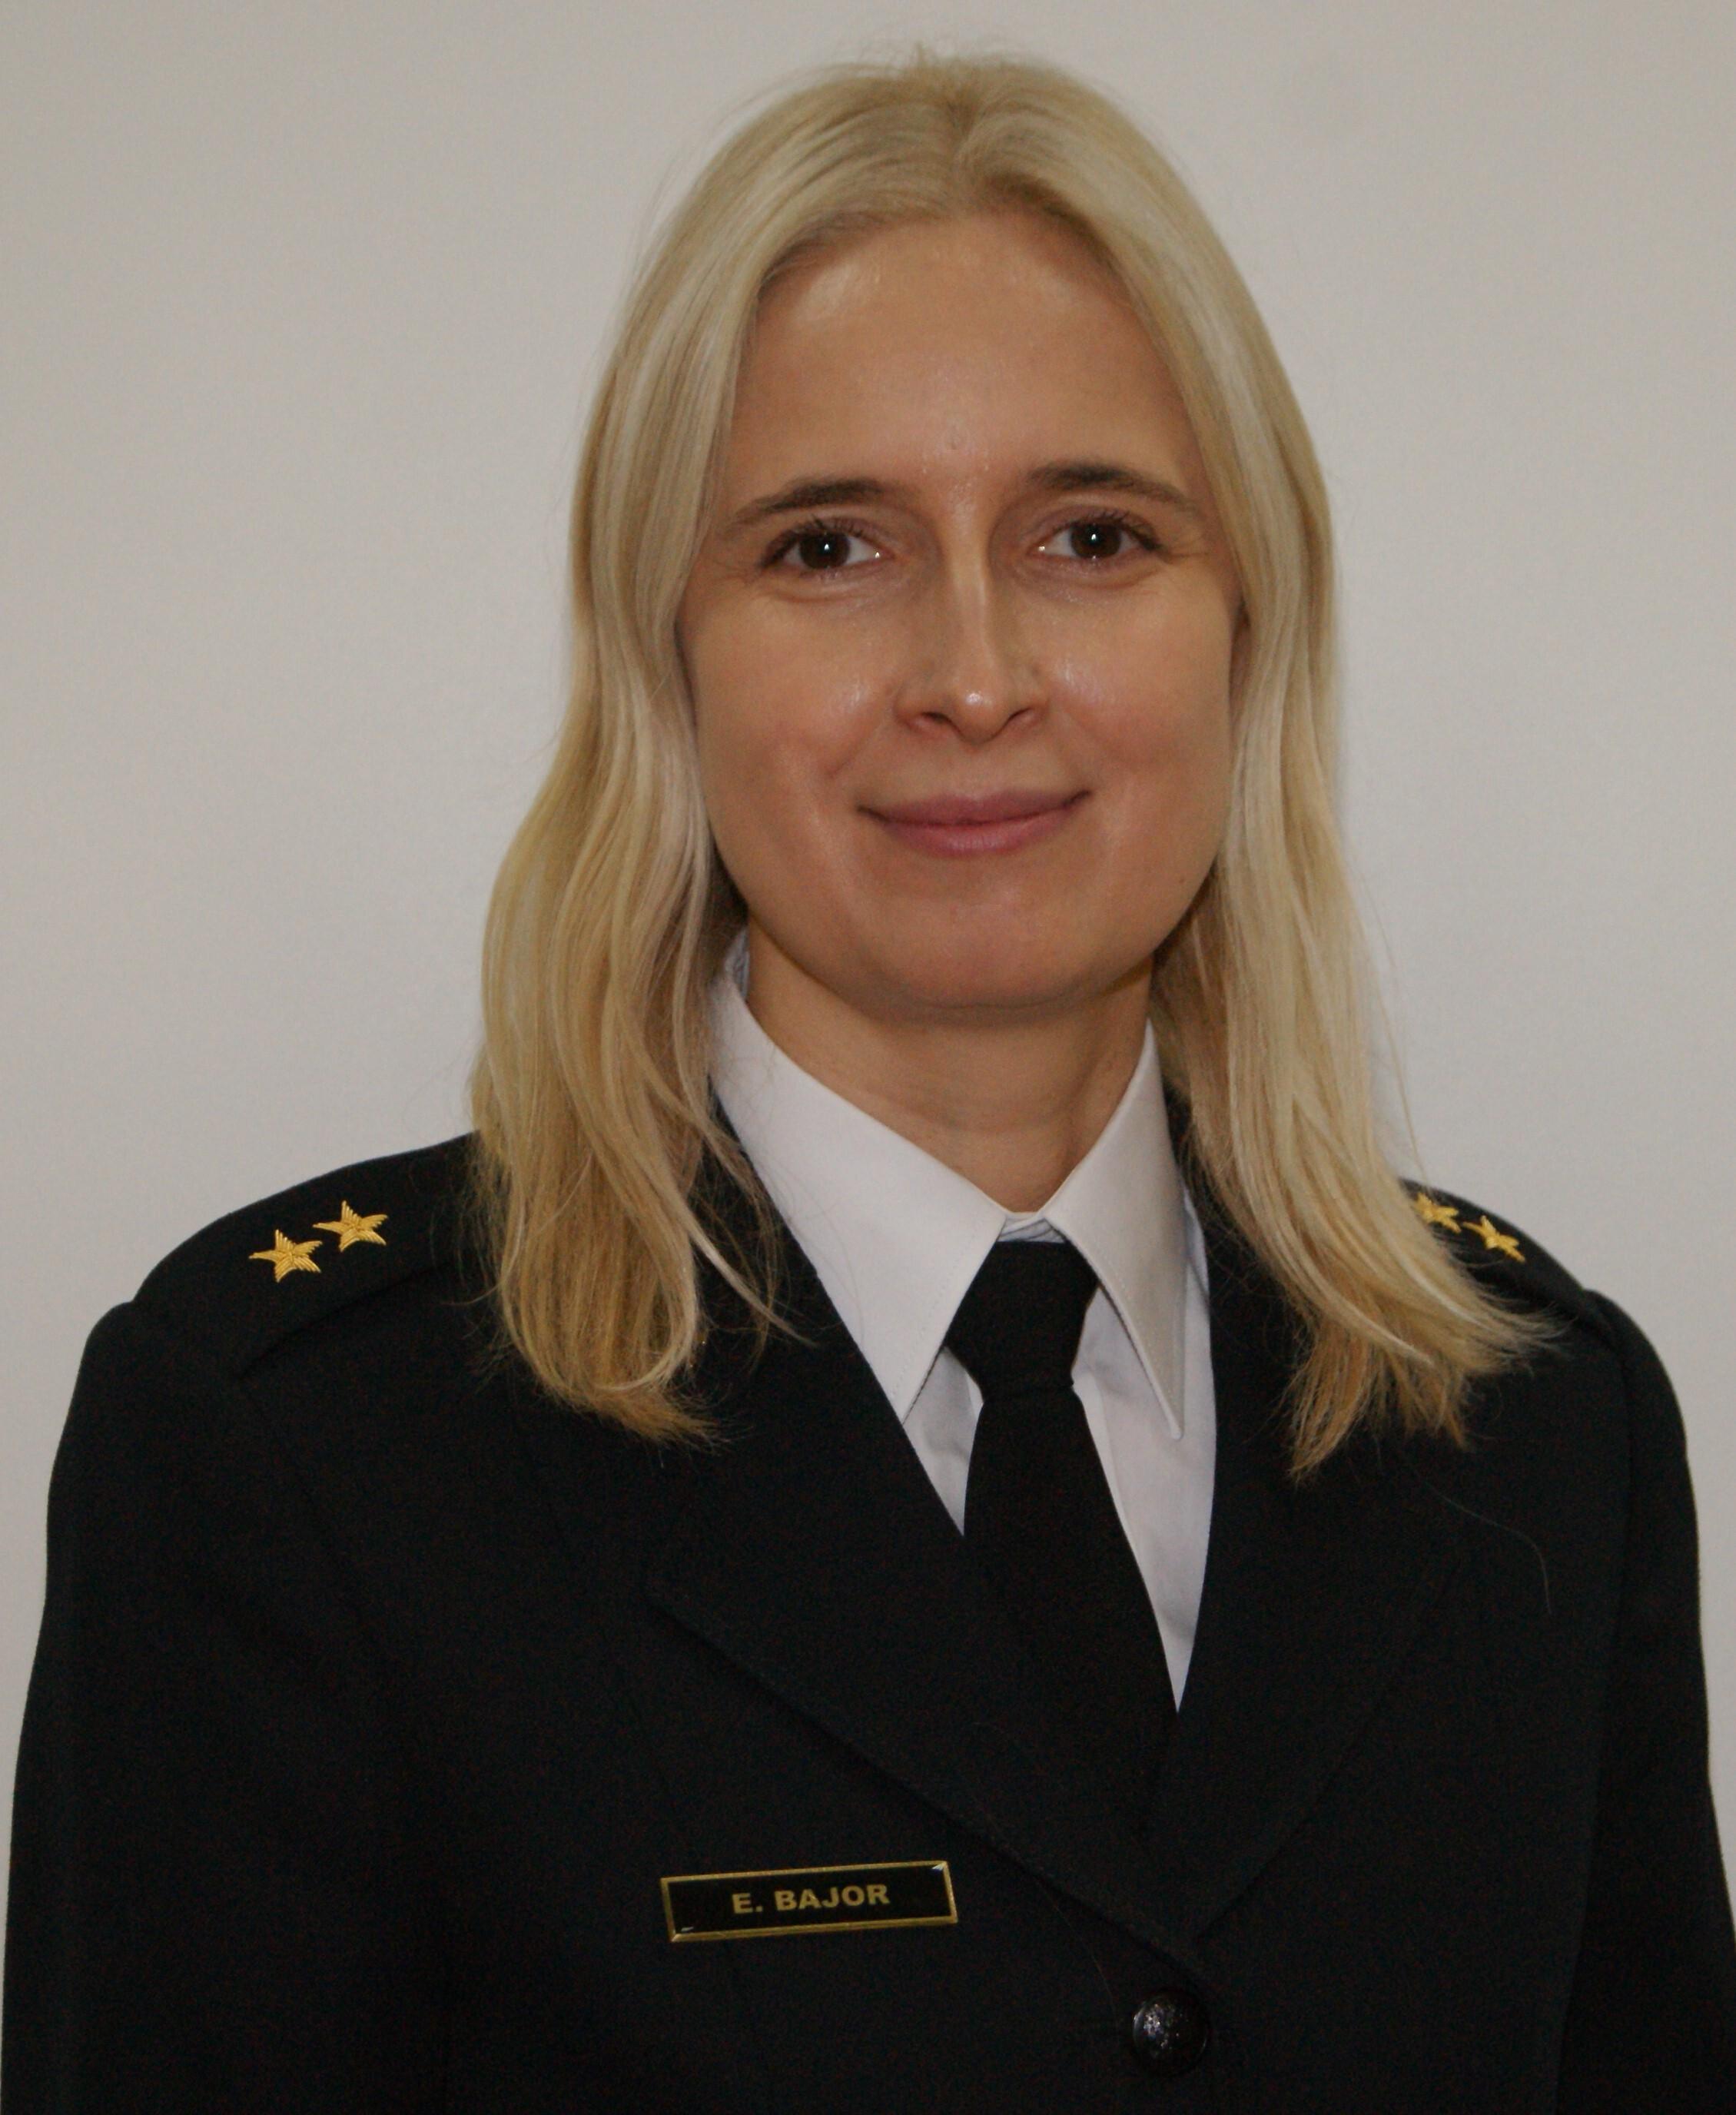 mł. kpt. mgr Ewa Bajor